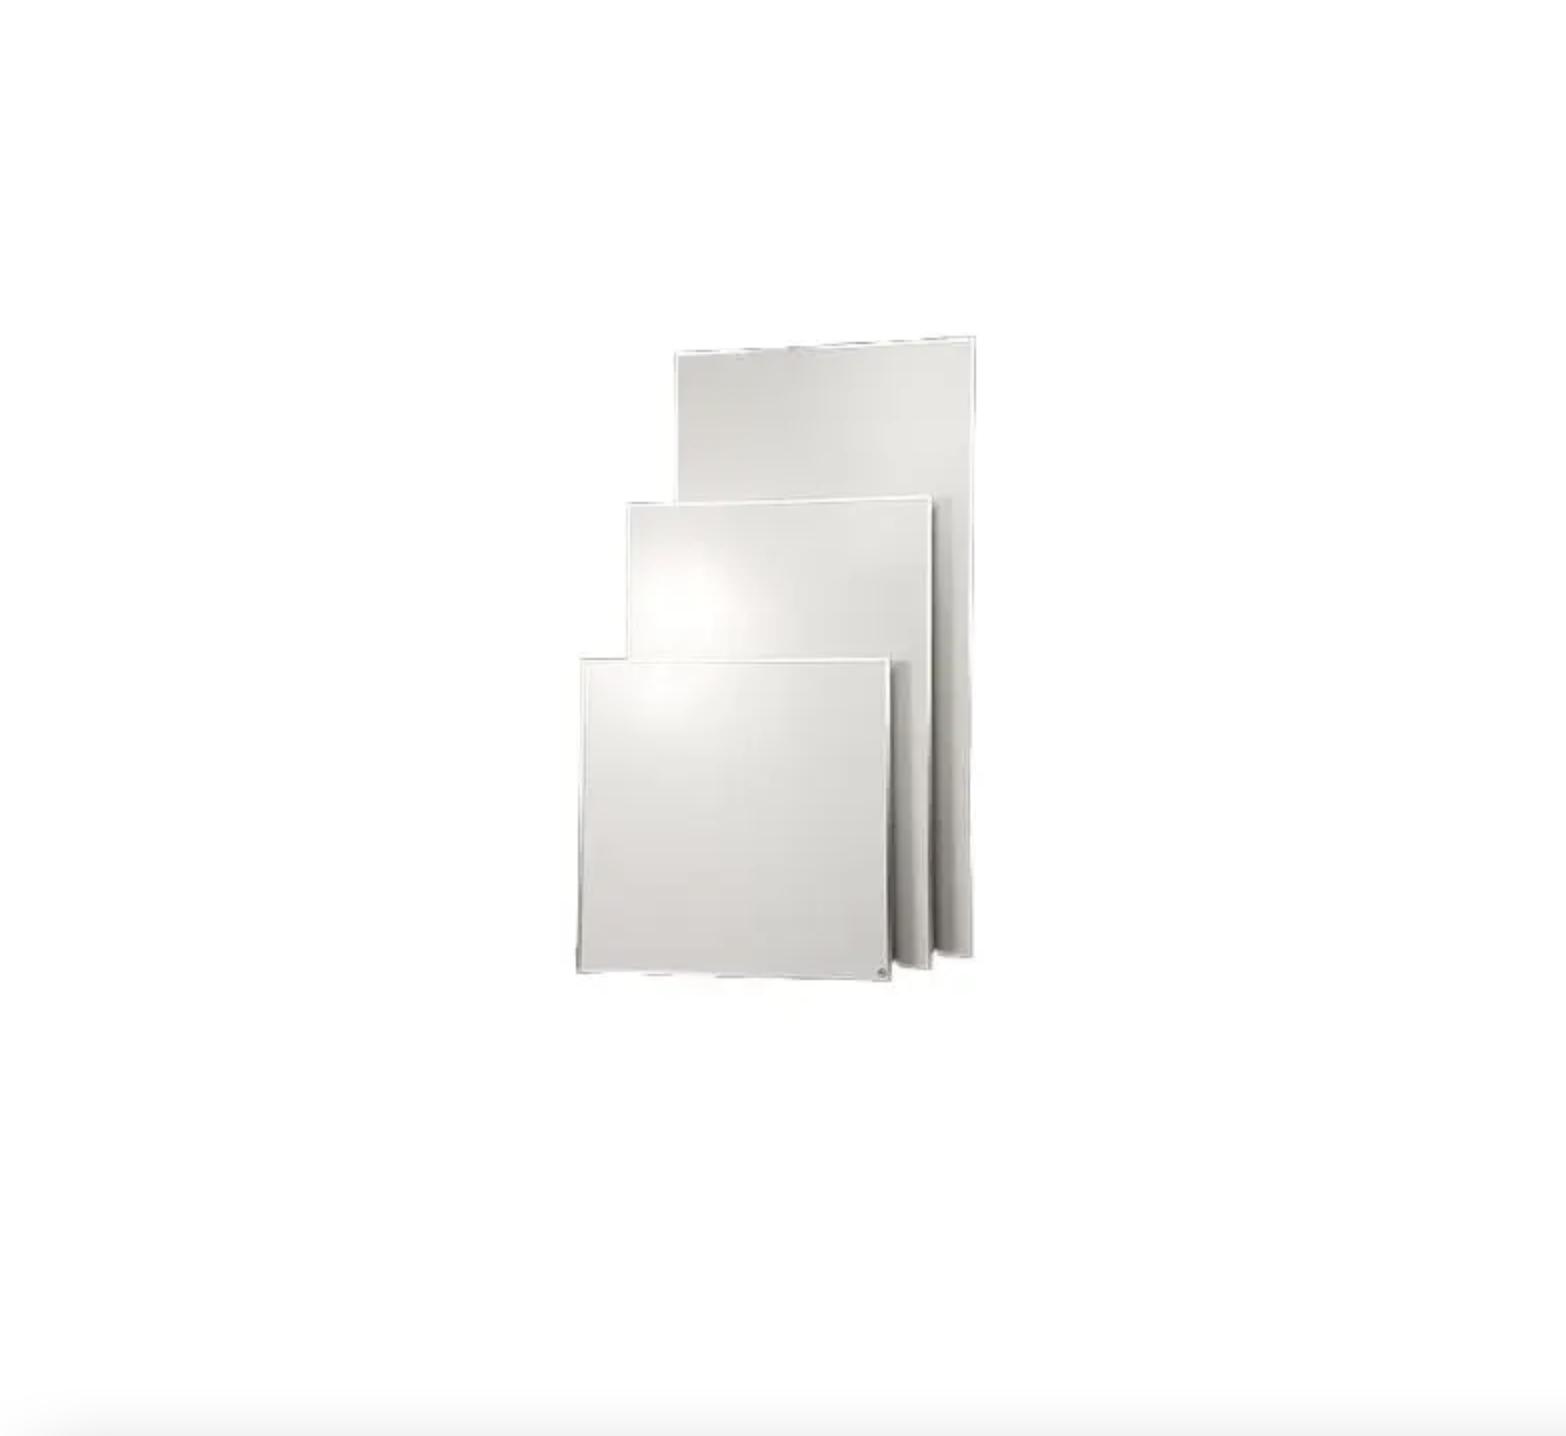 Pannello radiante a soffitto VCIR-60-60-350